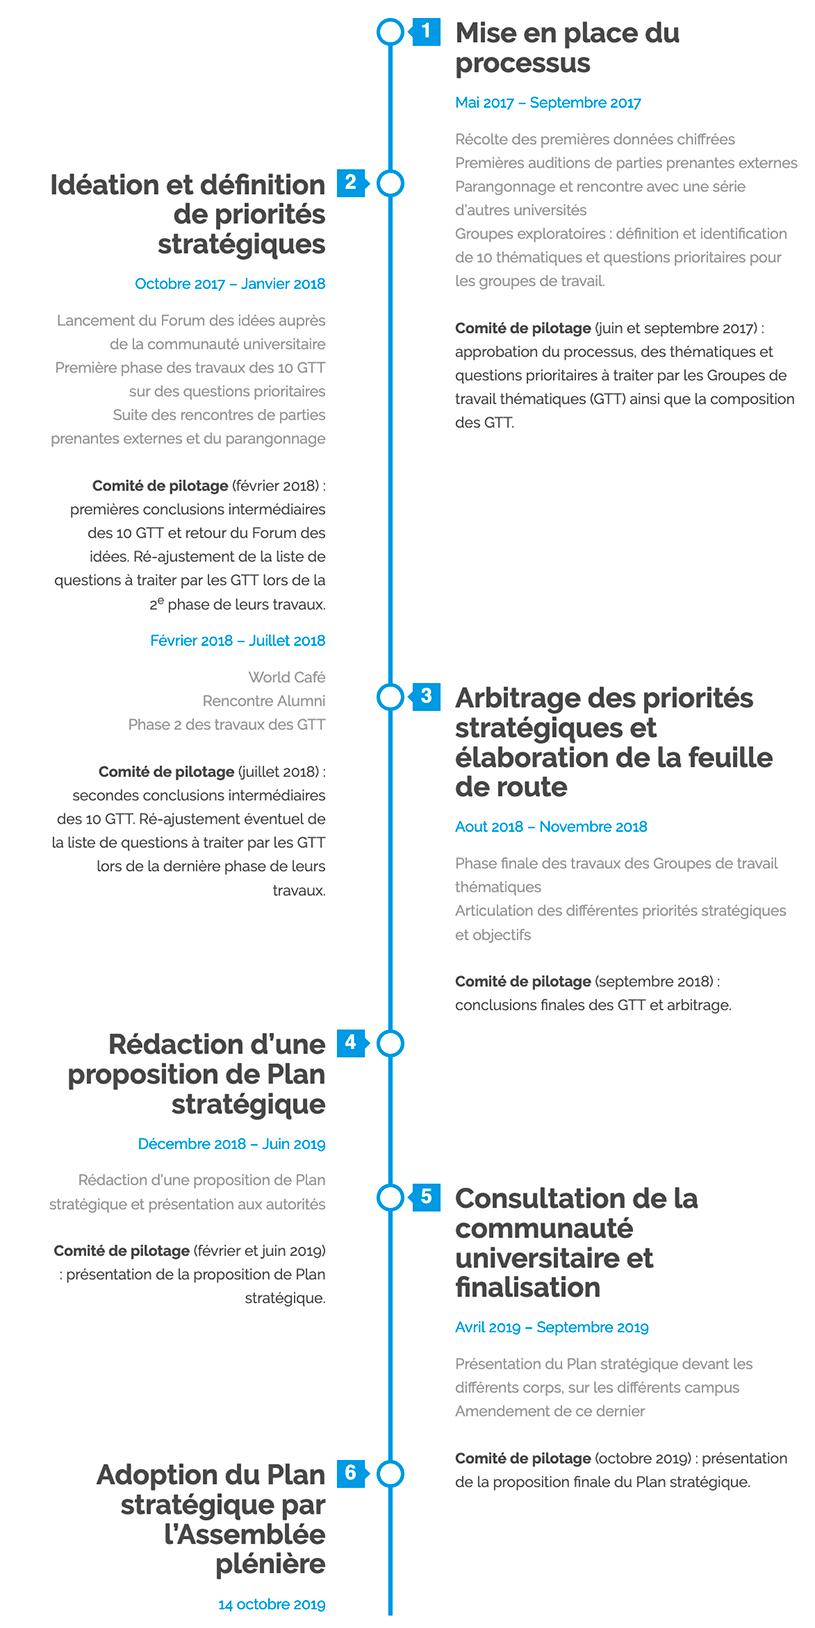 Ligne du temps - Cap 2030